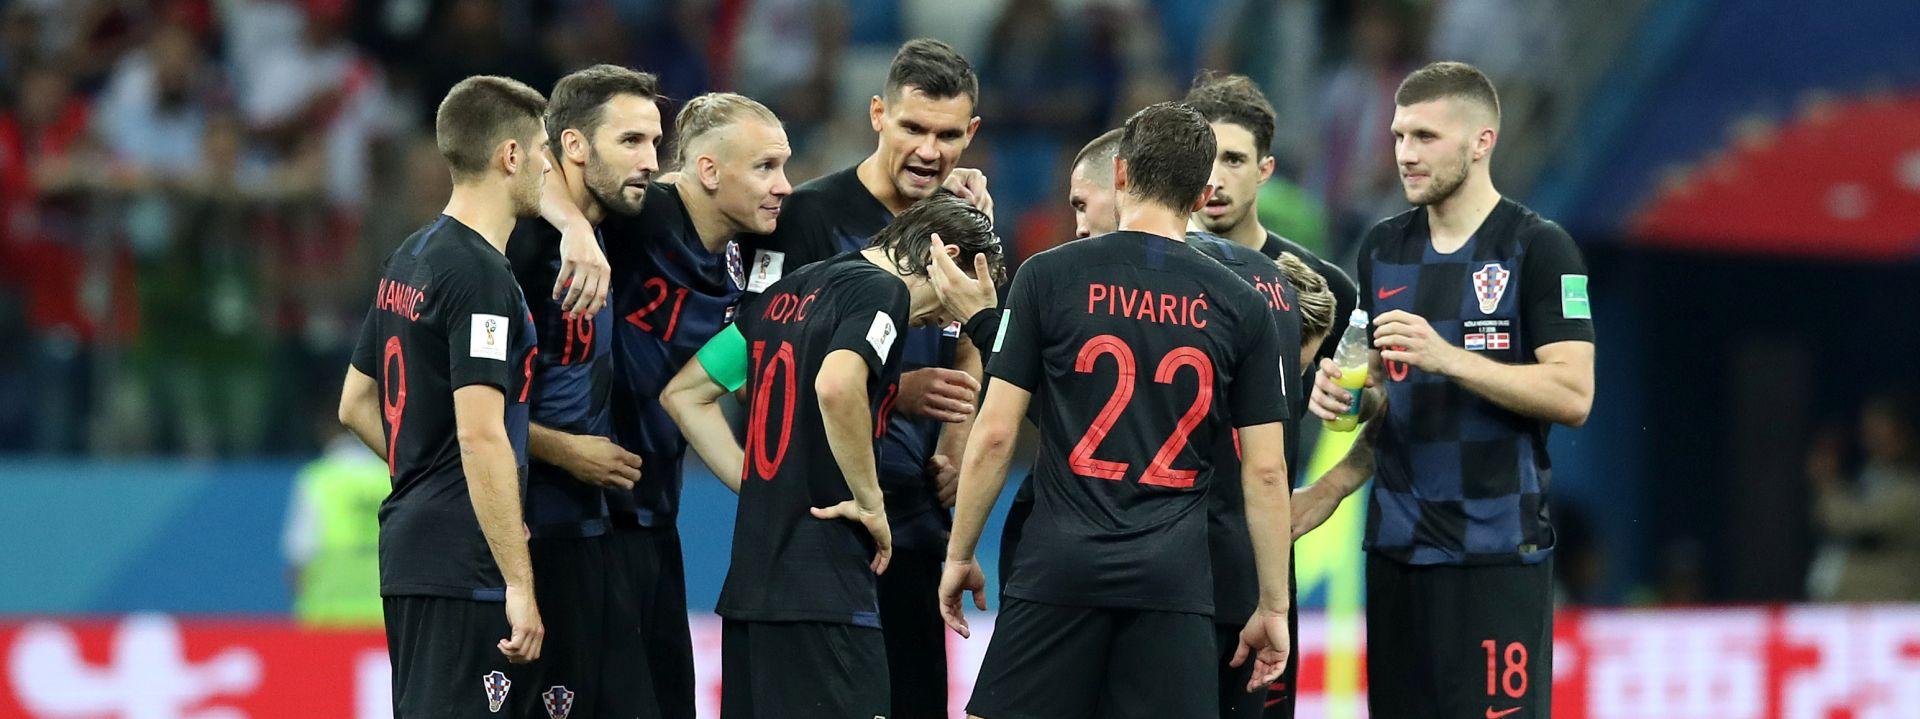 Brojni rekord obilježili hrvatsku pobjedu